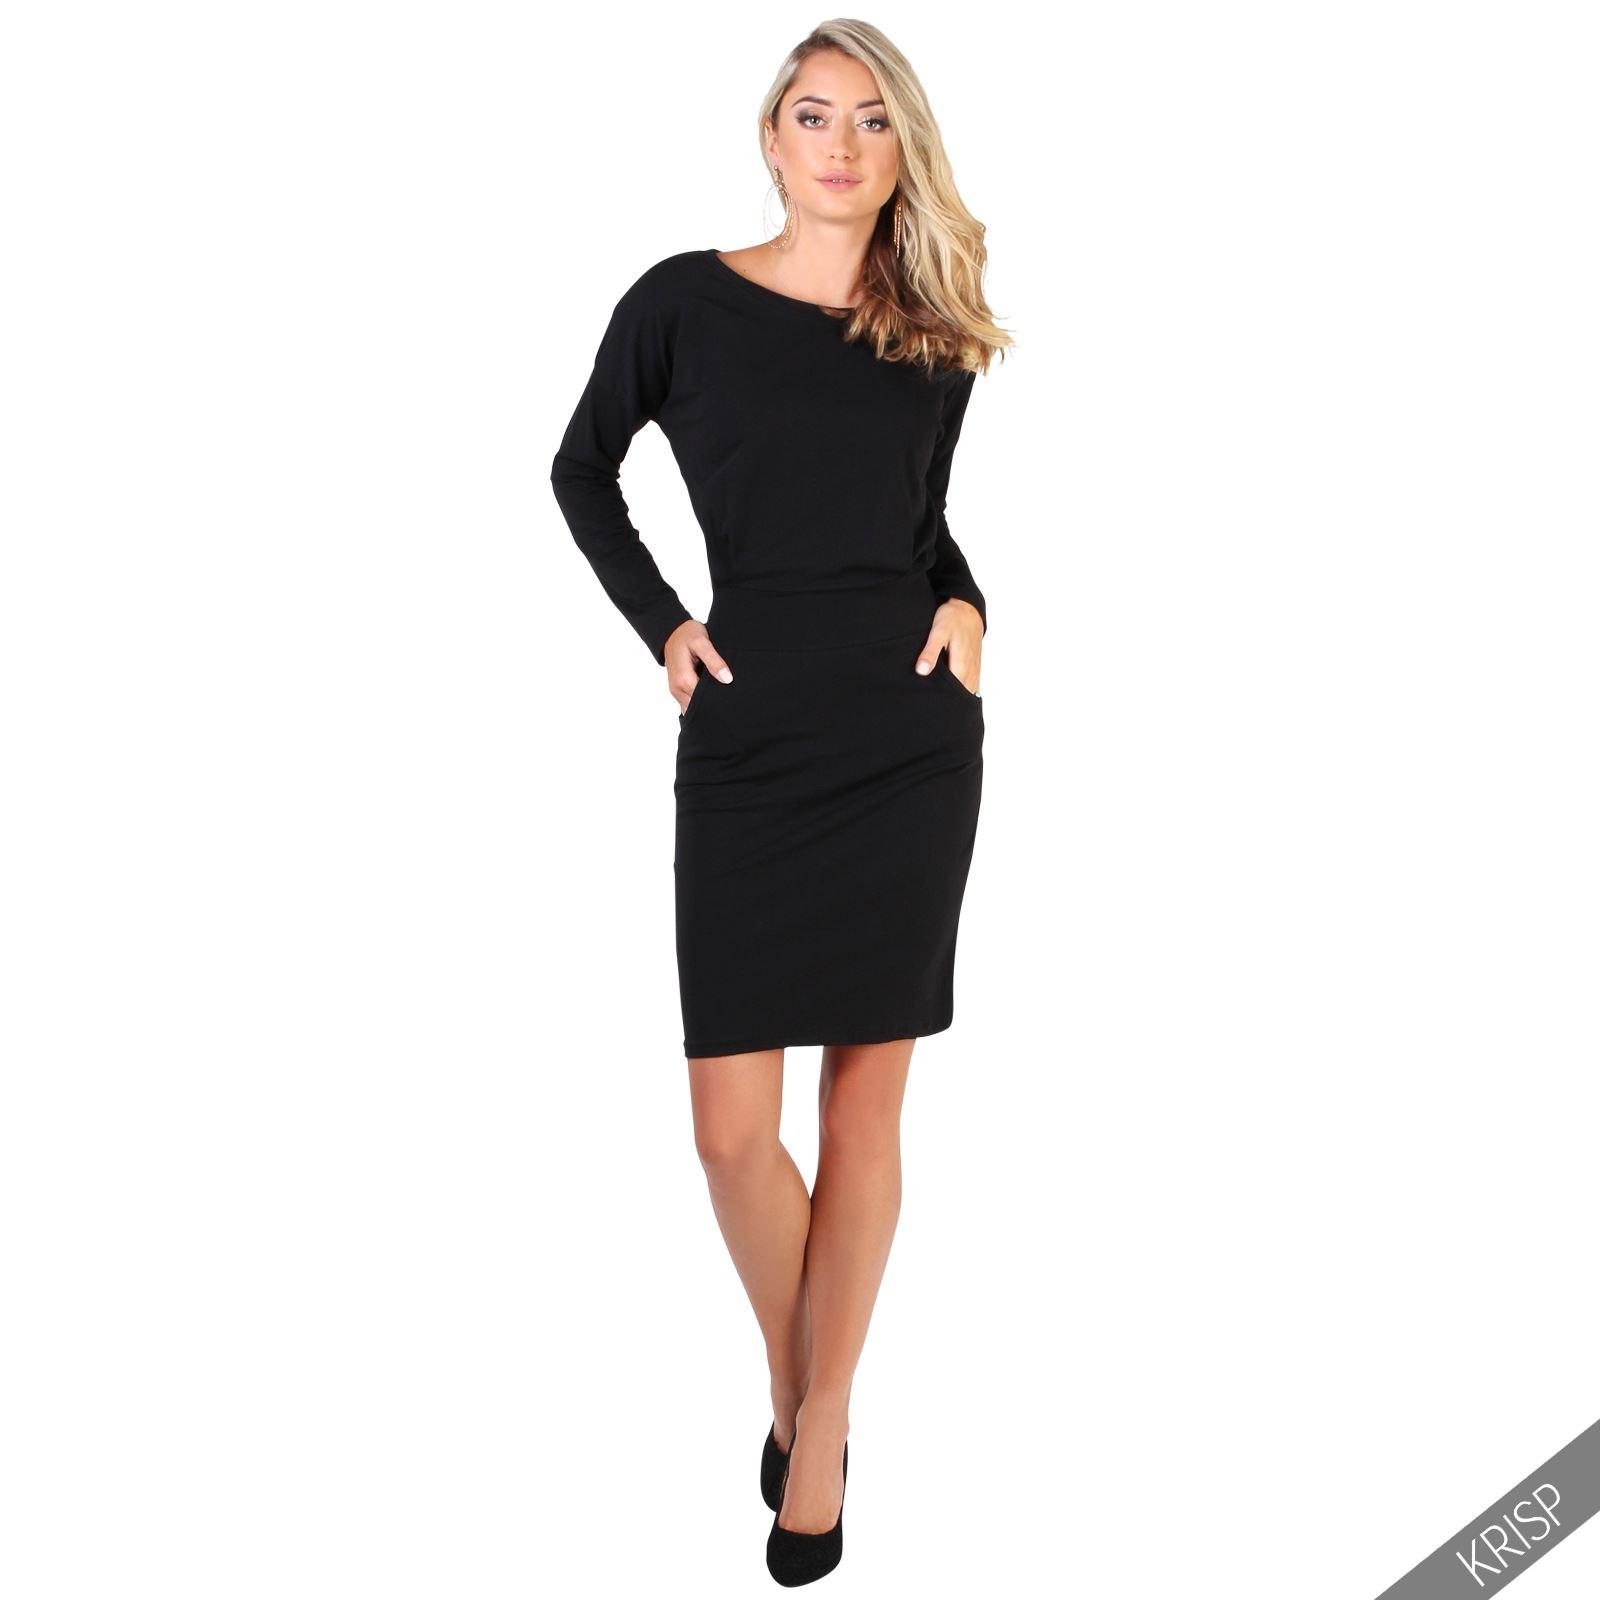 Lastest   WOMENS  KRISP  KRISP Sports Luxe Long Sleeve Jersey Dress